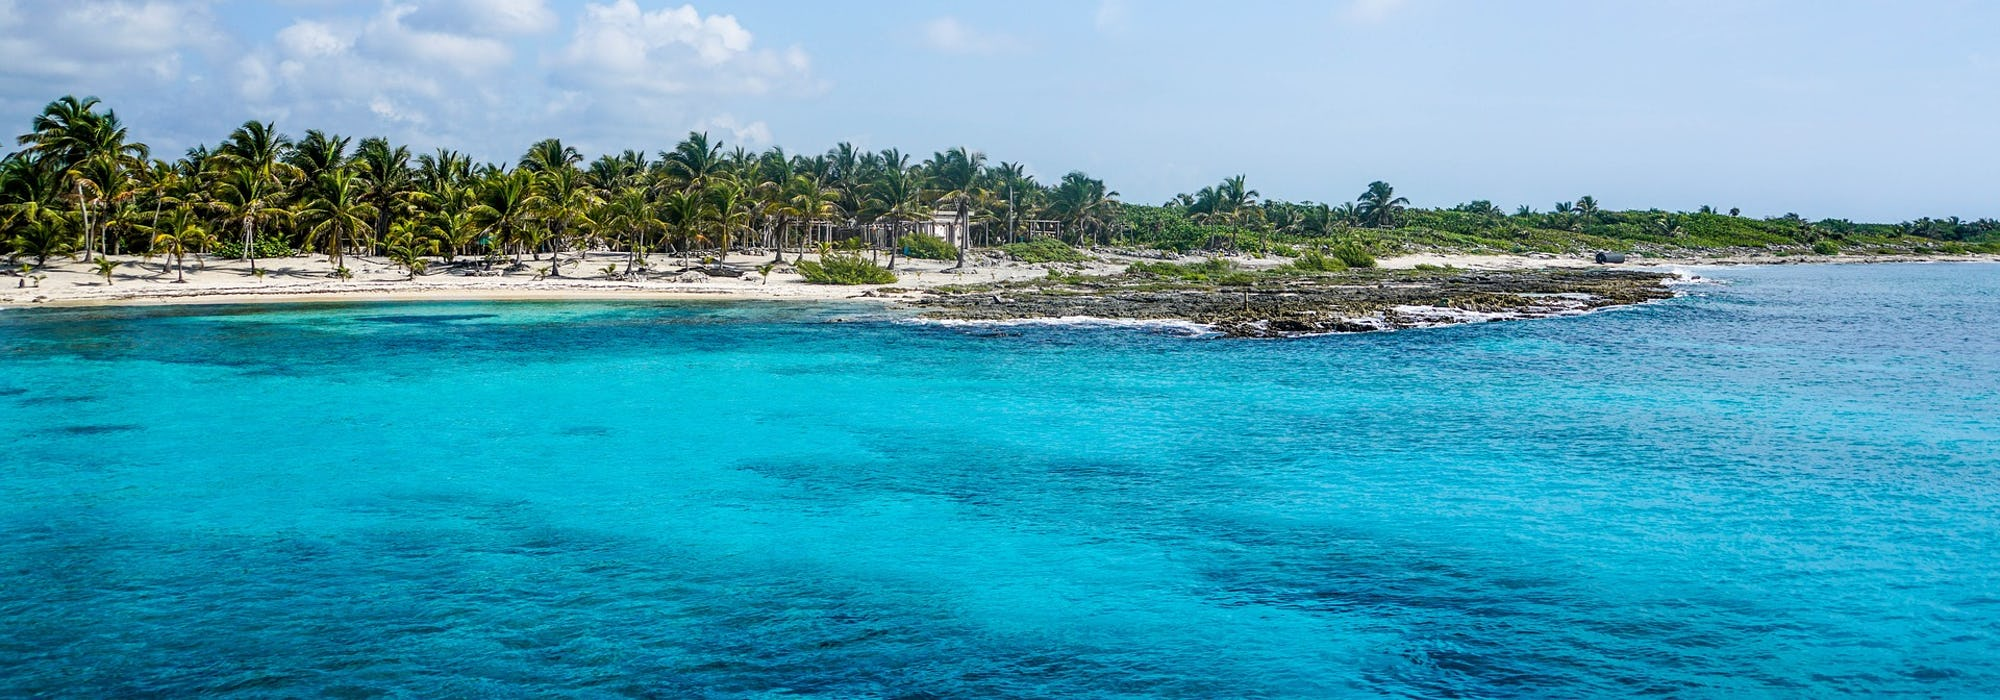 Vacker natur med ljusblått vatten och palmer på en strand i bakgrunden.